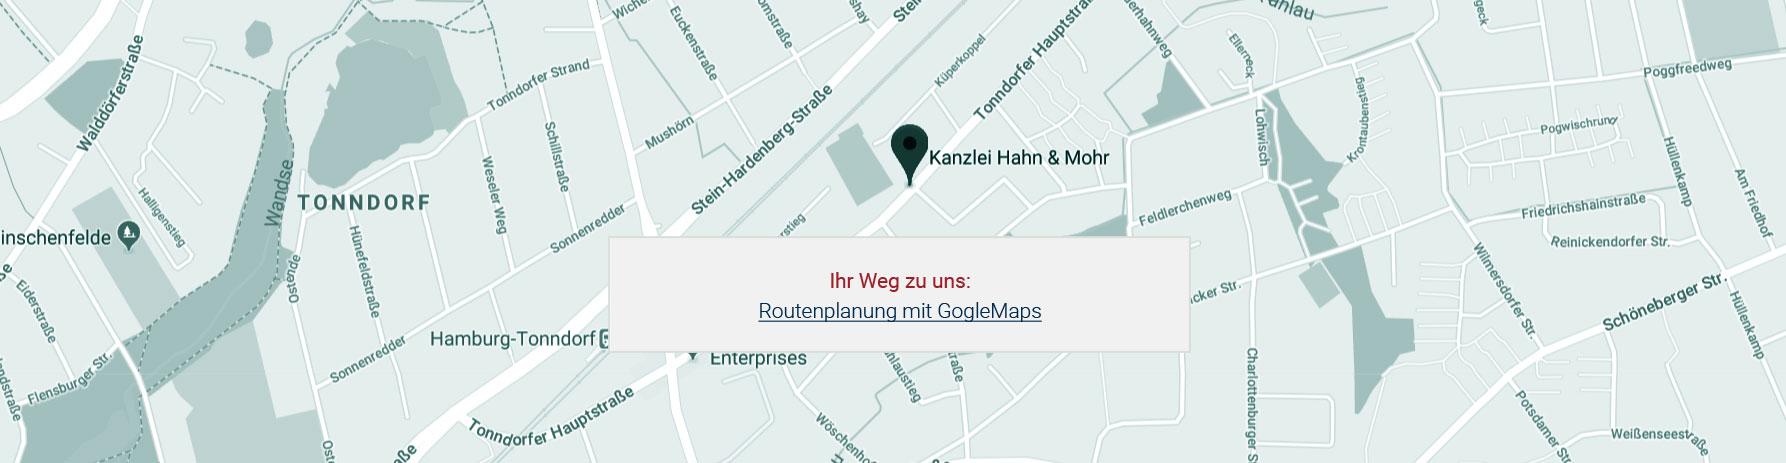 Anfahrt zum Steuerberater HahnMohr Hamburg Tonndorf